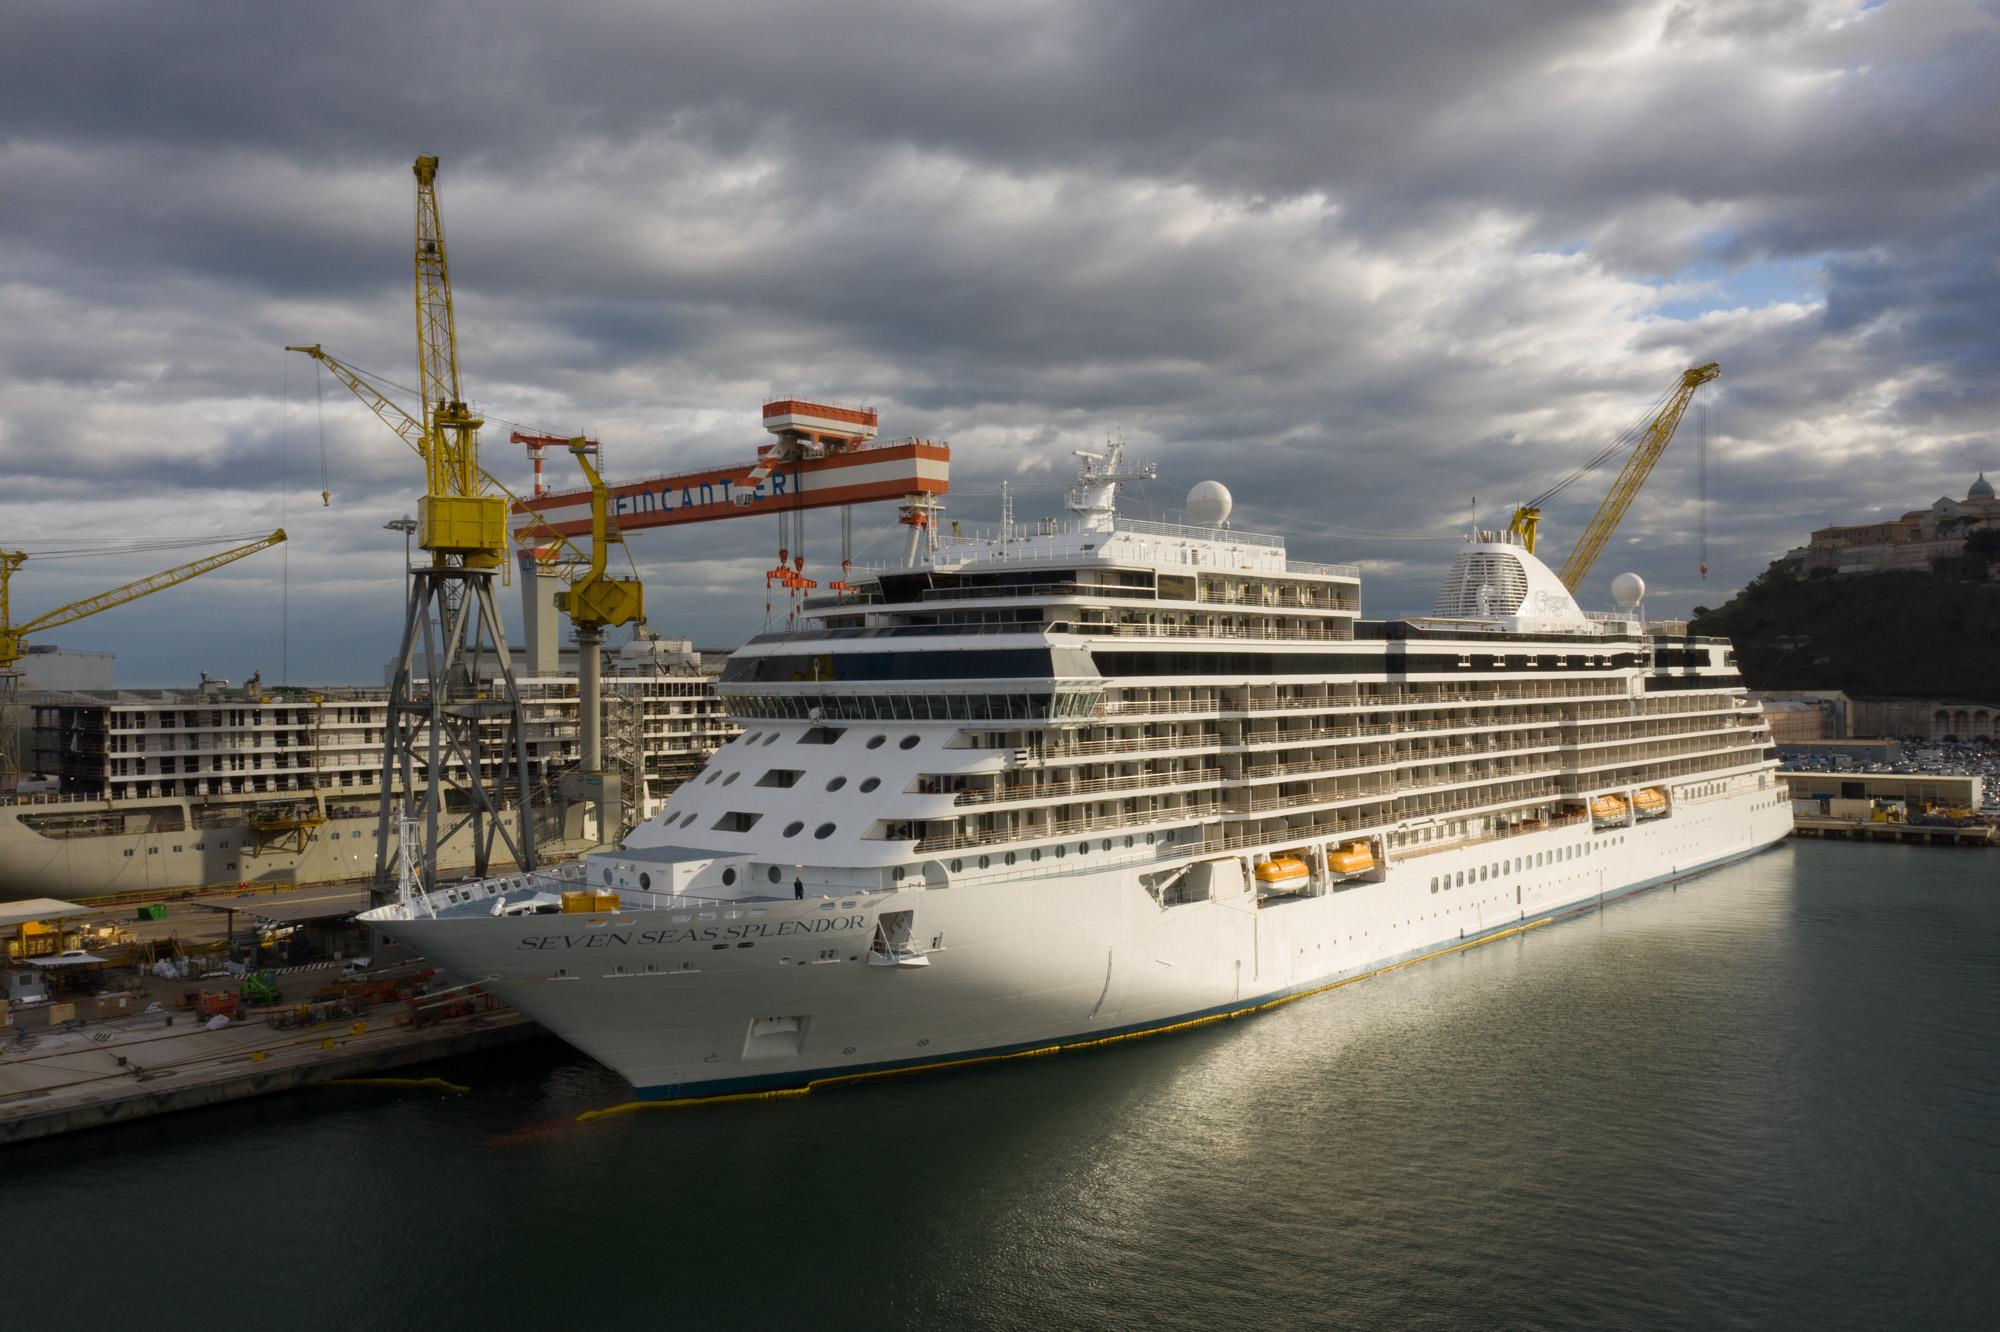 Fincantieri, consegnata a Regent Seven Seas Cruises la Seven Seas Splendor